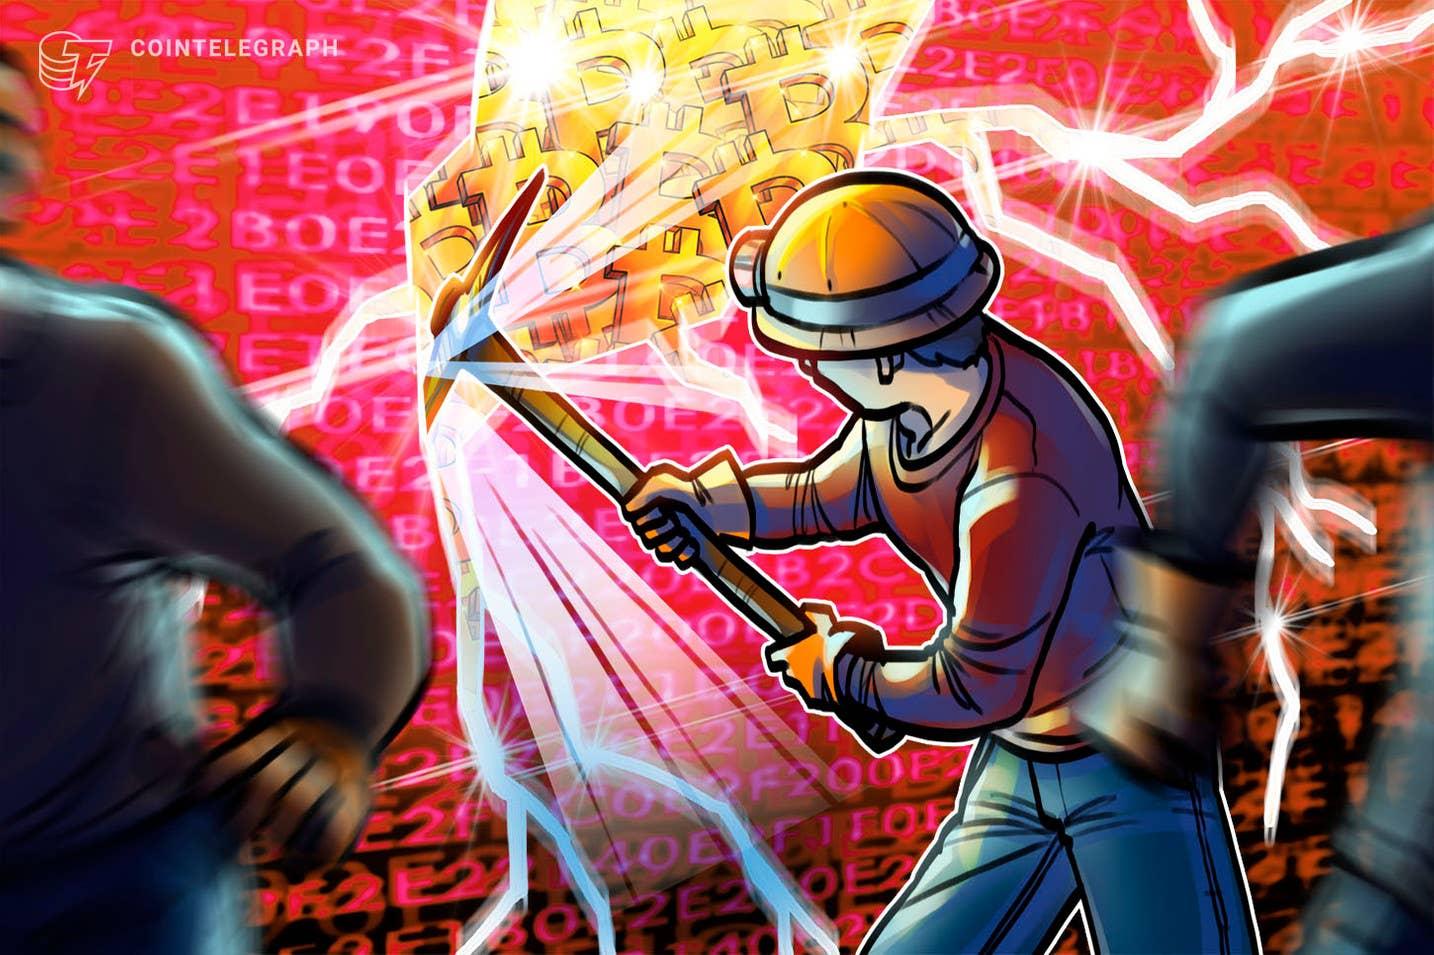 Trung Quốc ngày càng mạnh tay khiến người đào Bitcoin lo sợ. Ảnh: @AFP.